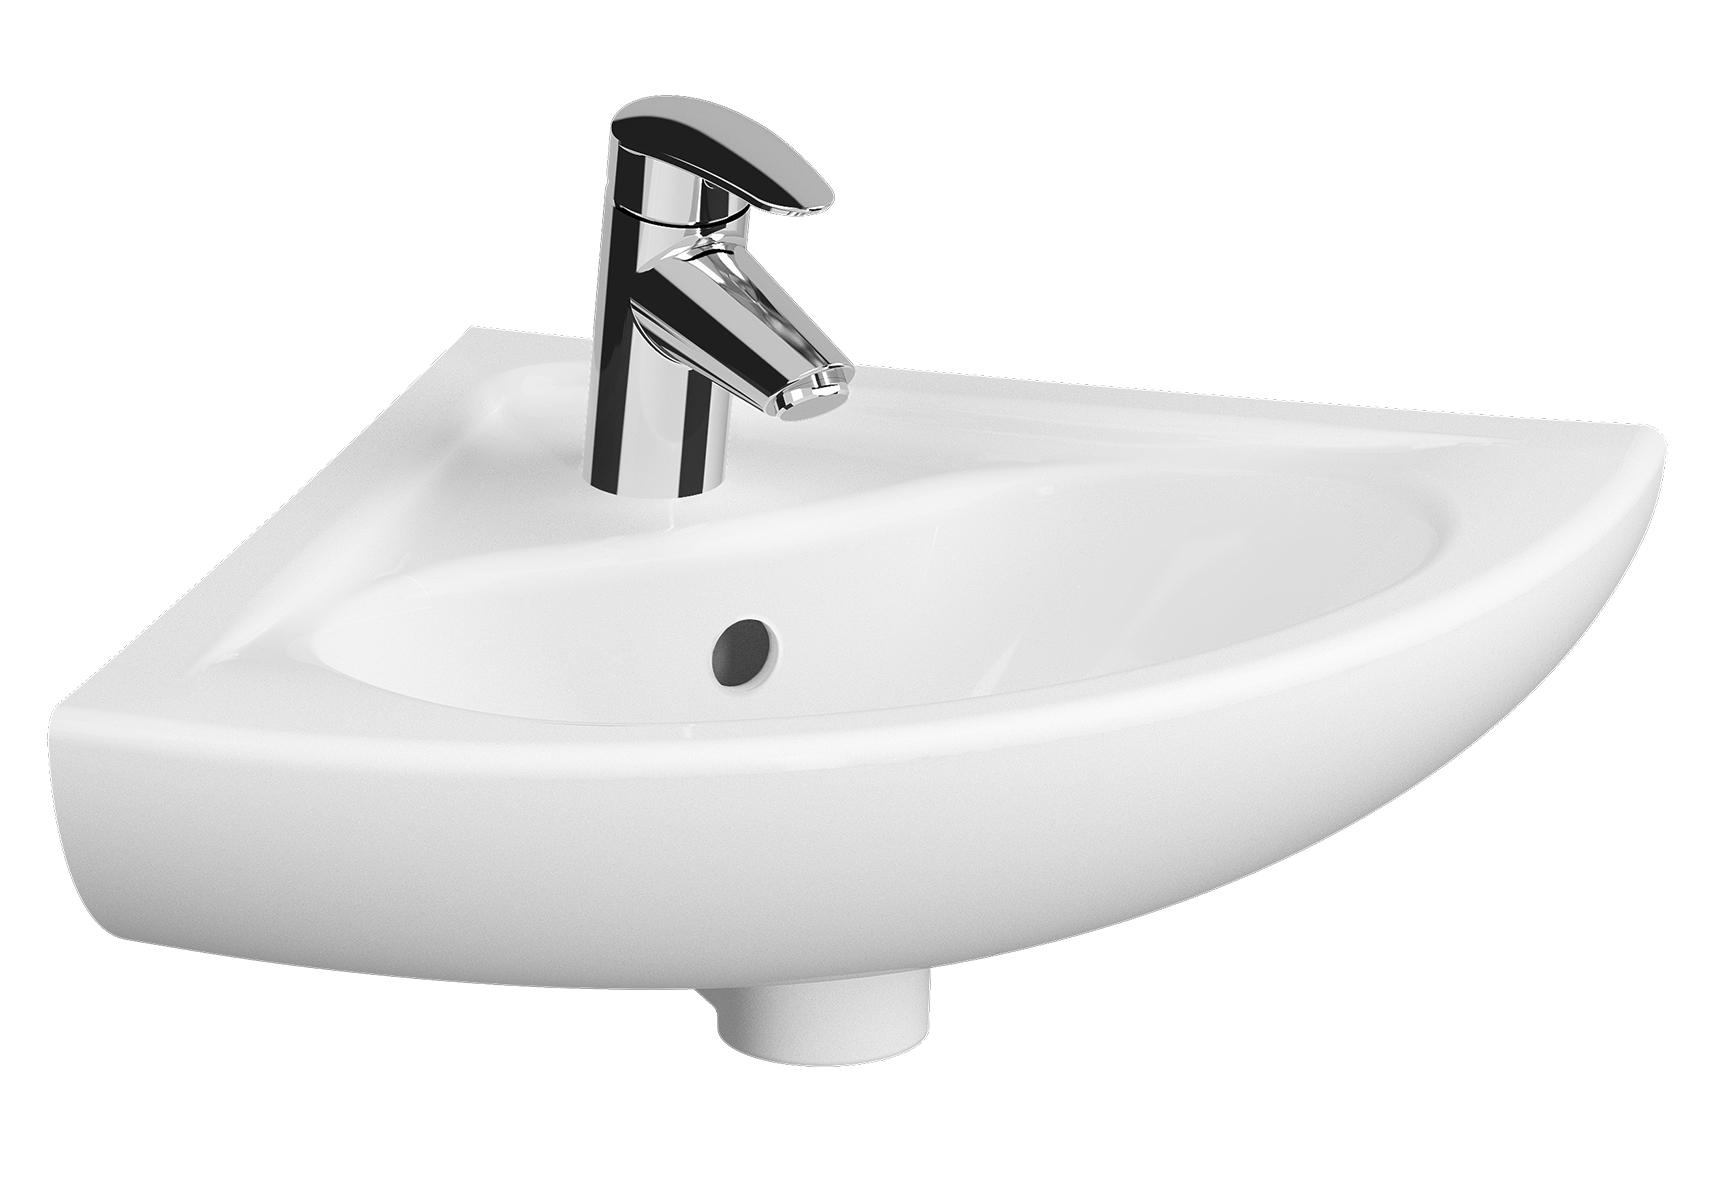 Arkitekt vasque, ovale, 1 trou central pour robinet, avec trop-plein, 52 cm